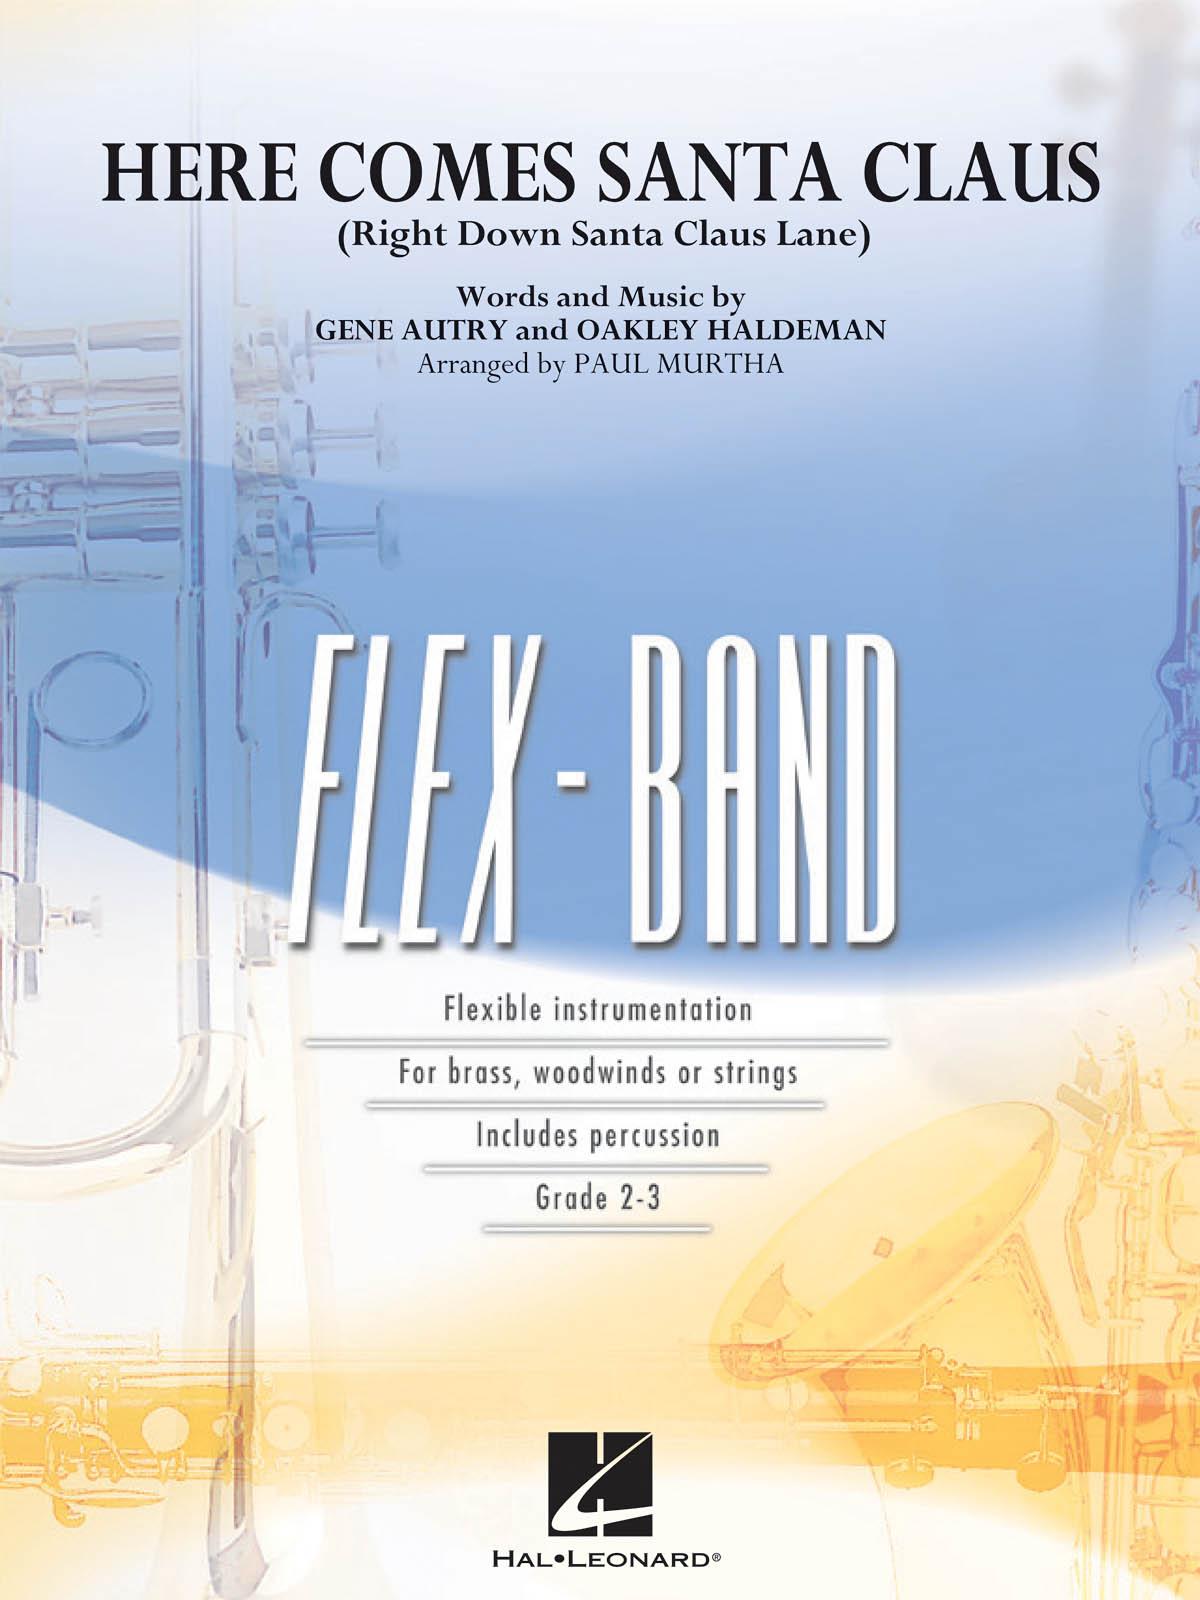 Gene Autry Oakley Haldeman: Here Comes Santa Claus: Concert Band: Score